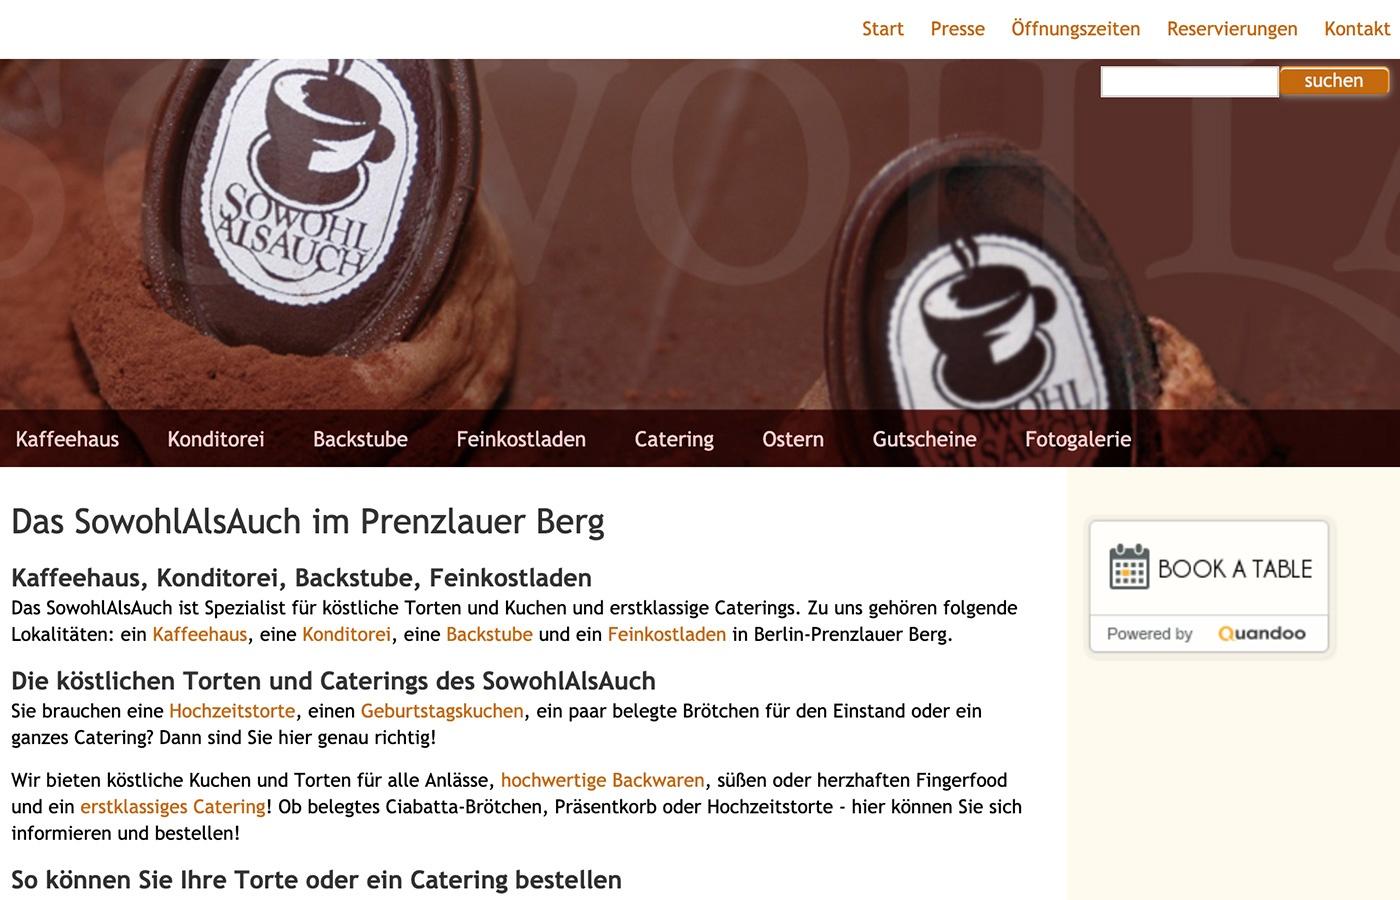 Webseitenpflege und redaktionelle Betreuung mit TYPO3